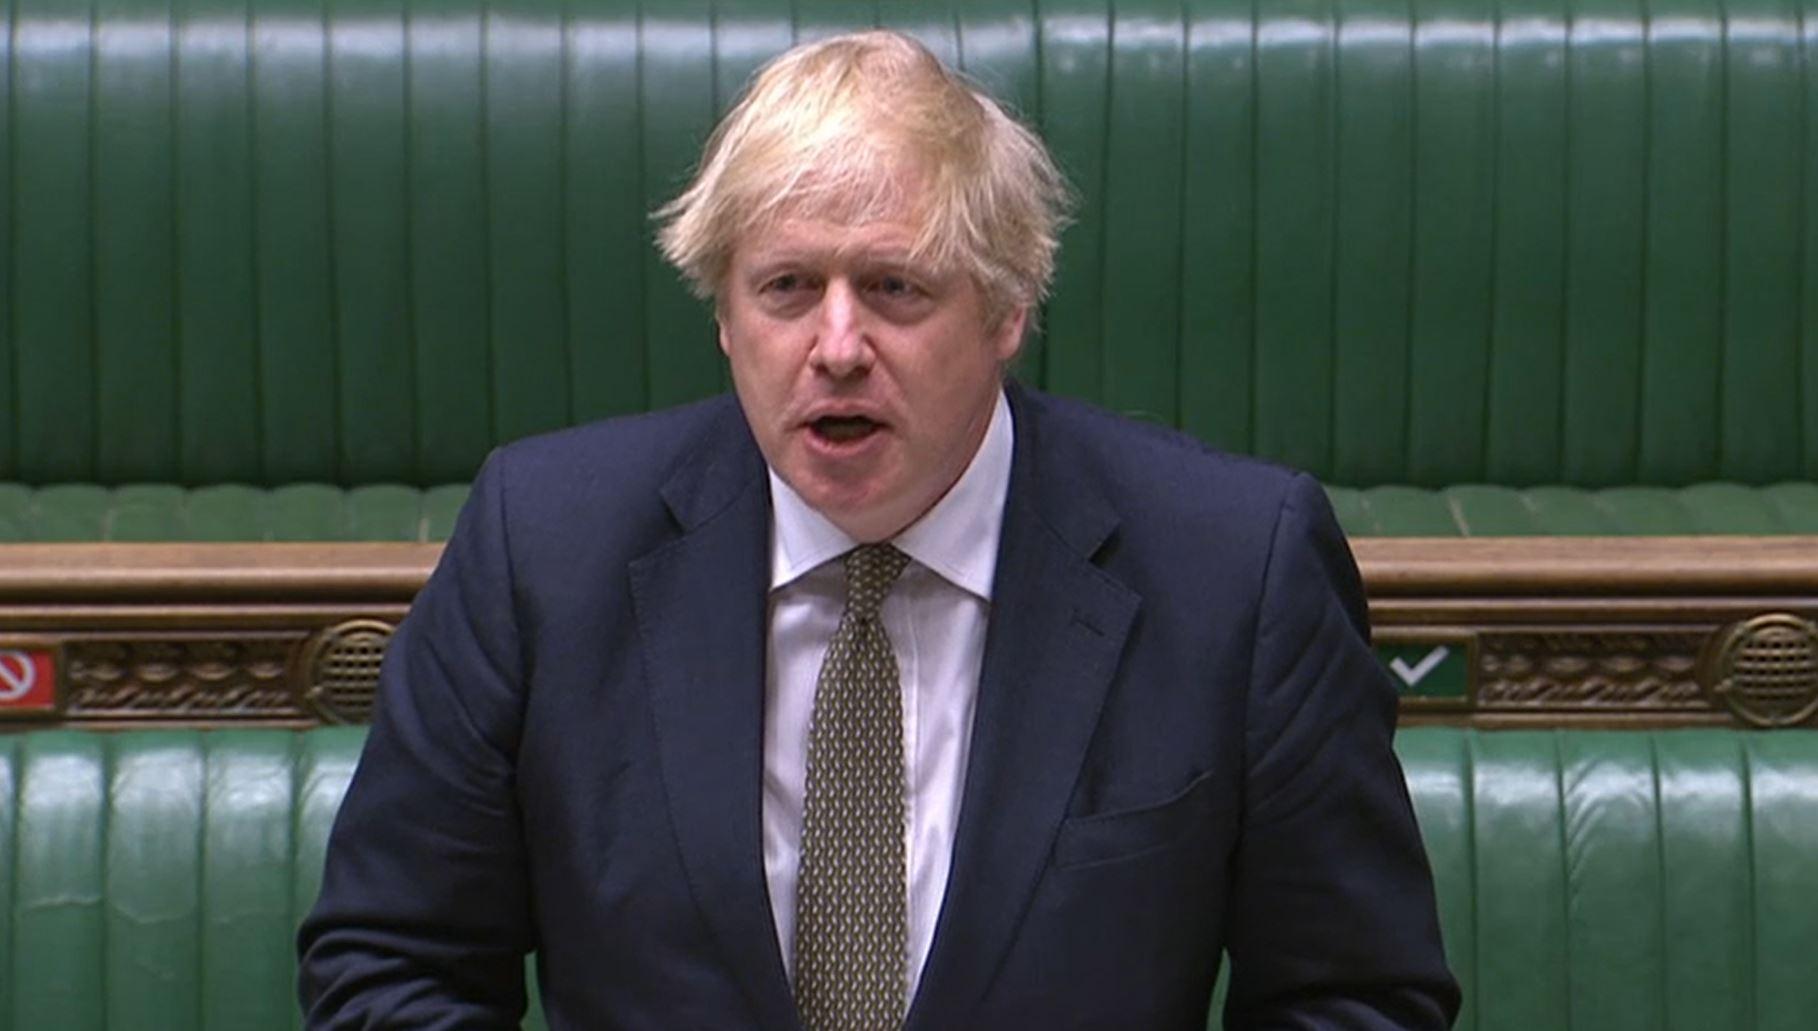 Prime Minister Boris Johnson. PA Wire